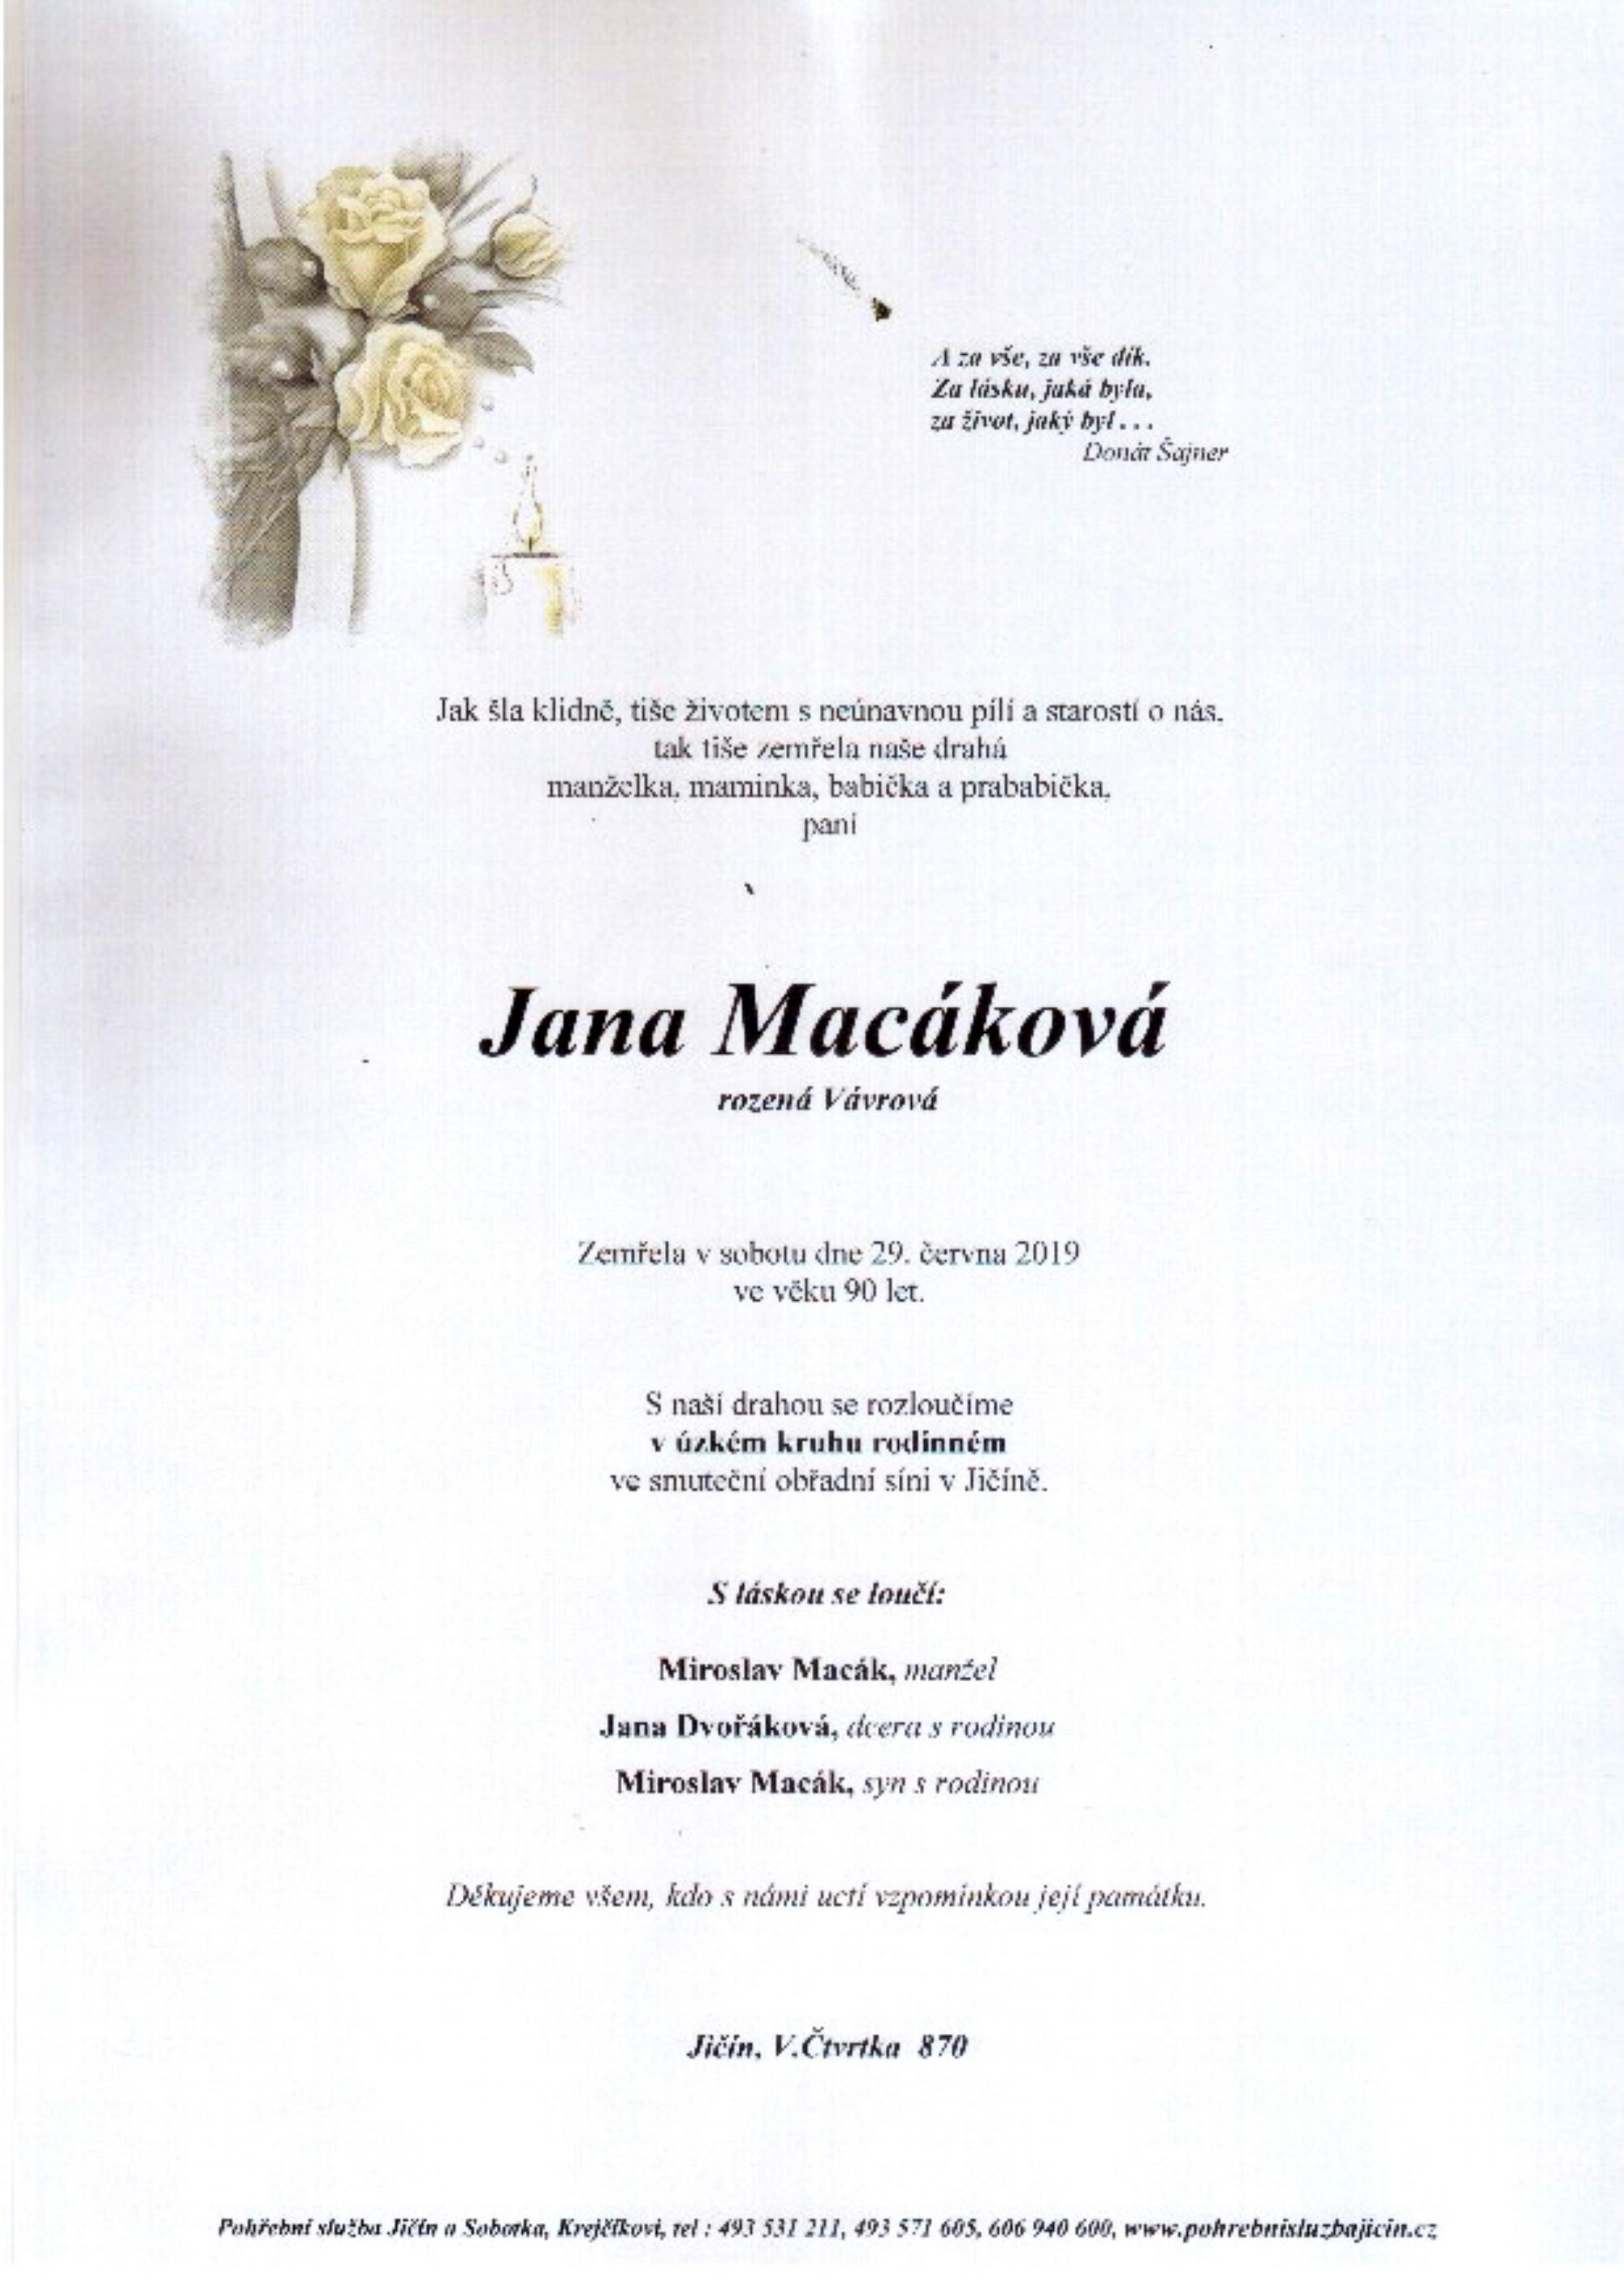 Jana Macáková